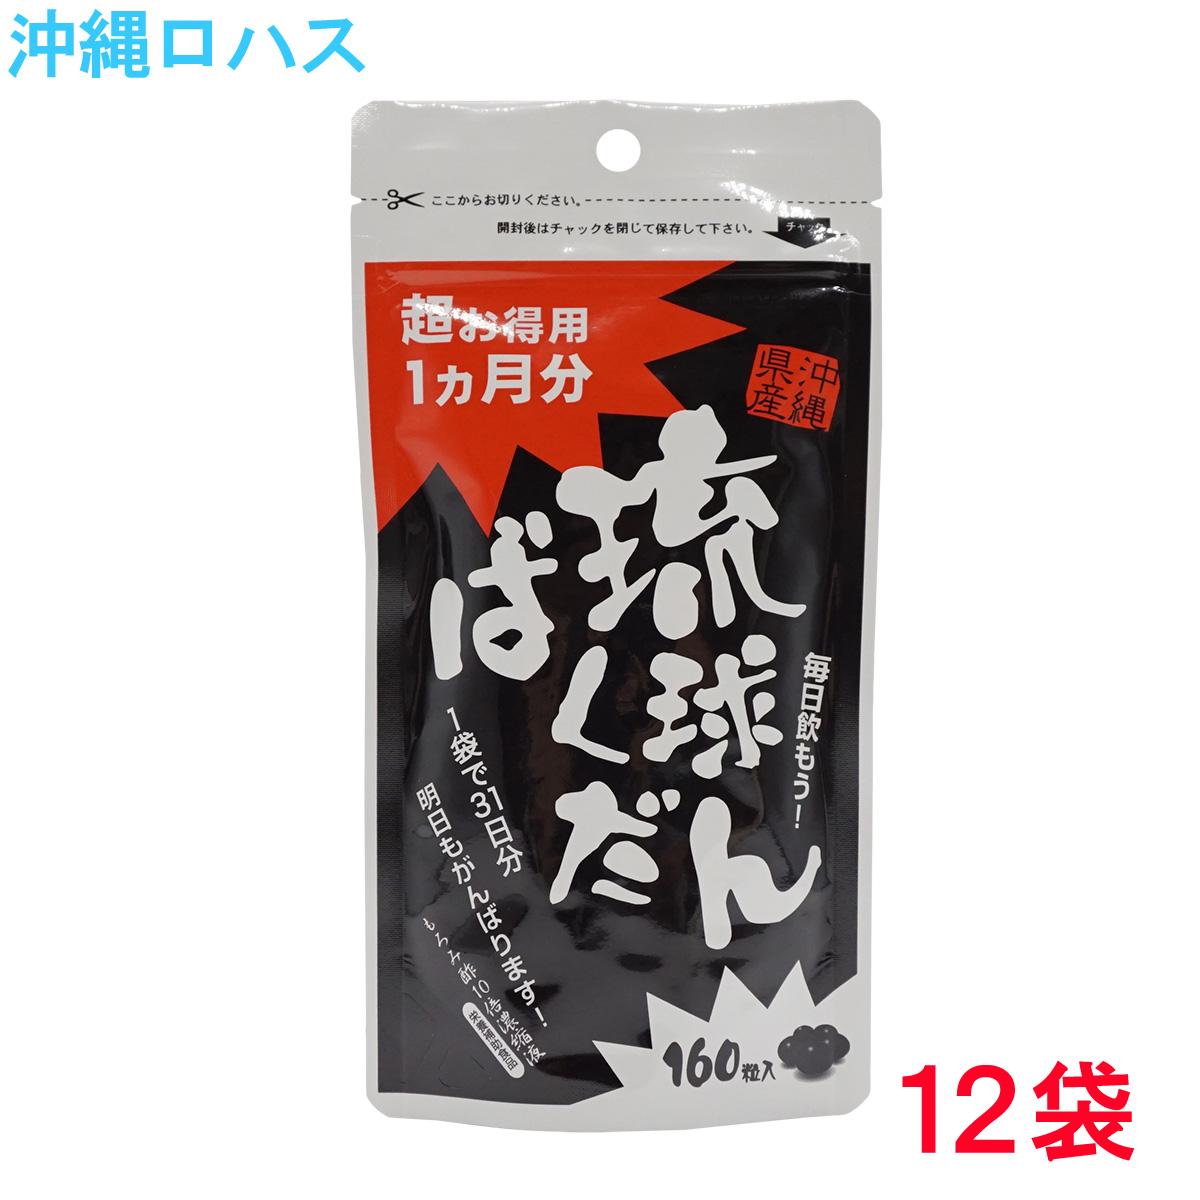 琉球ばくだん 160粒×12